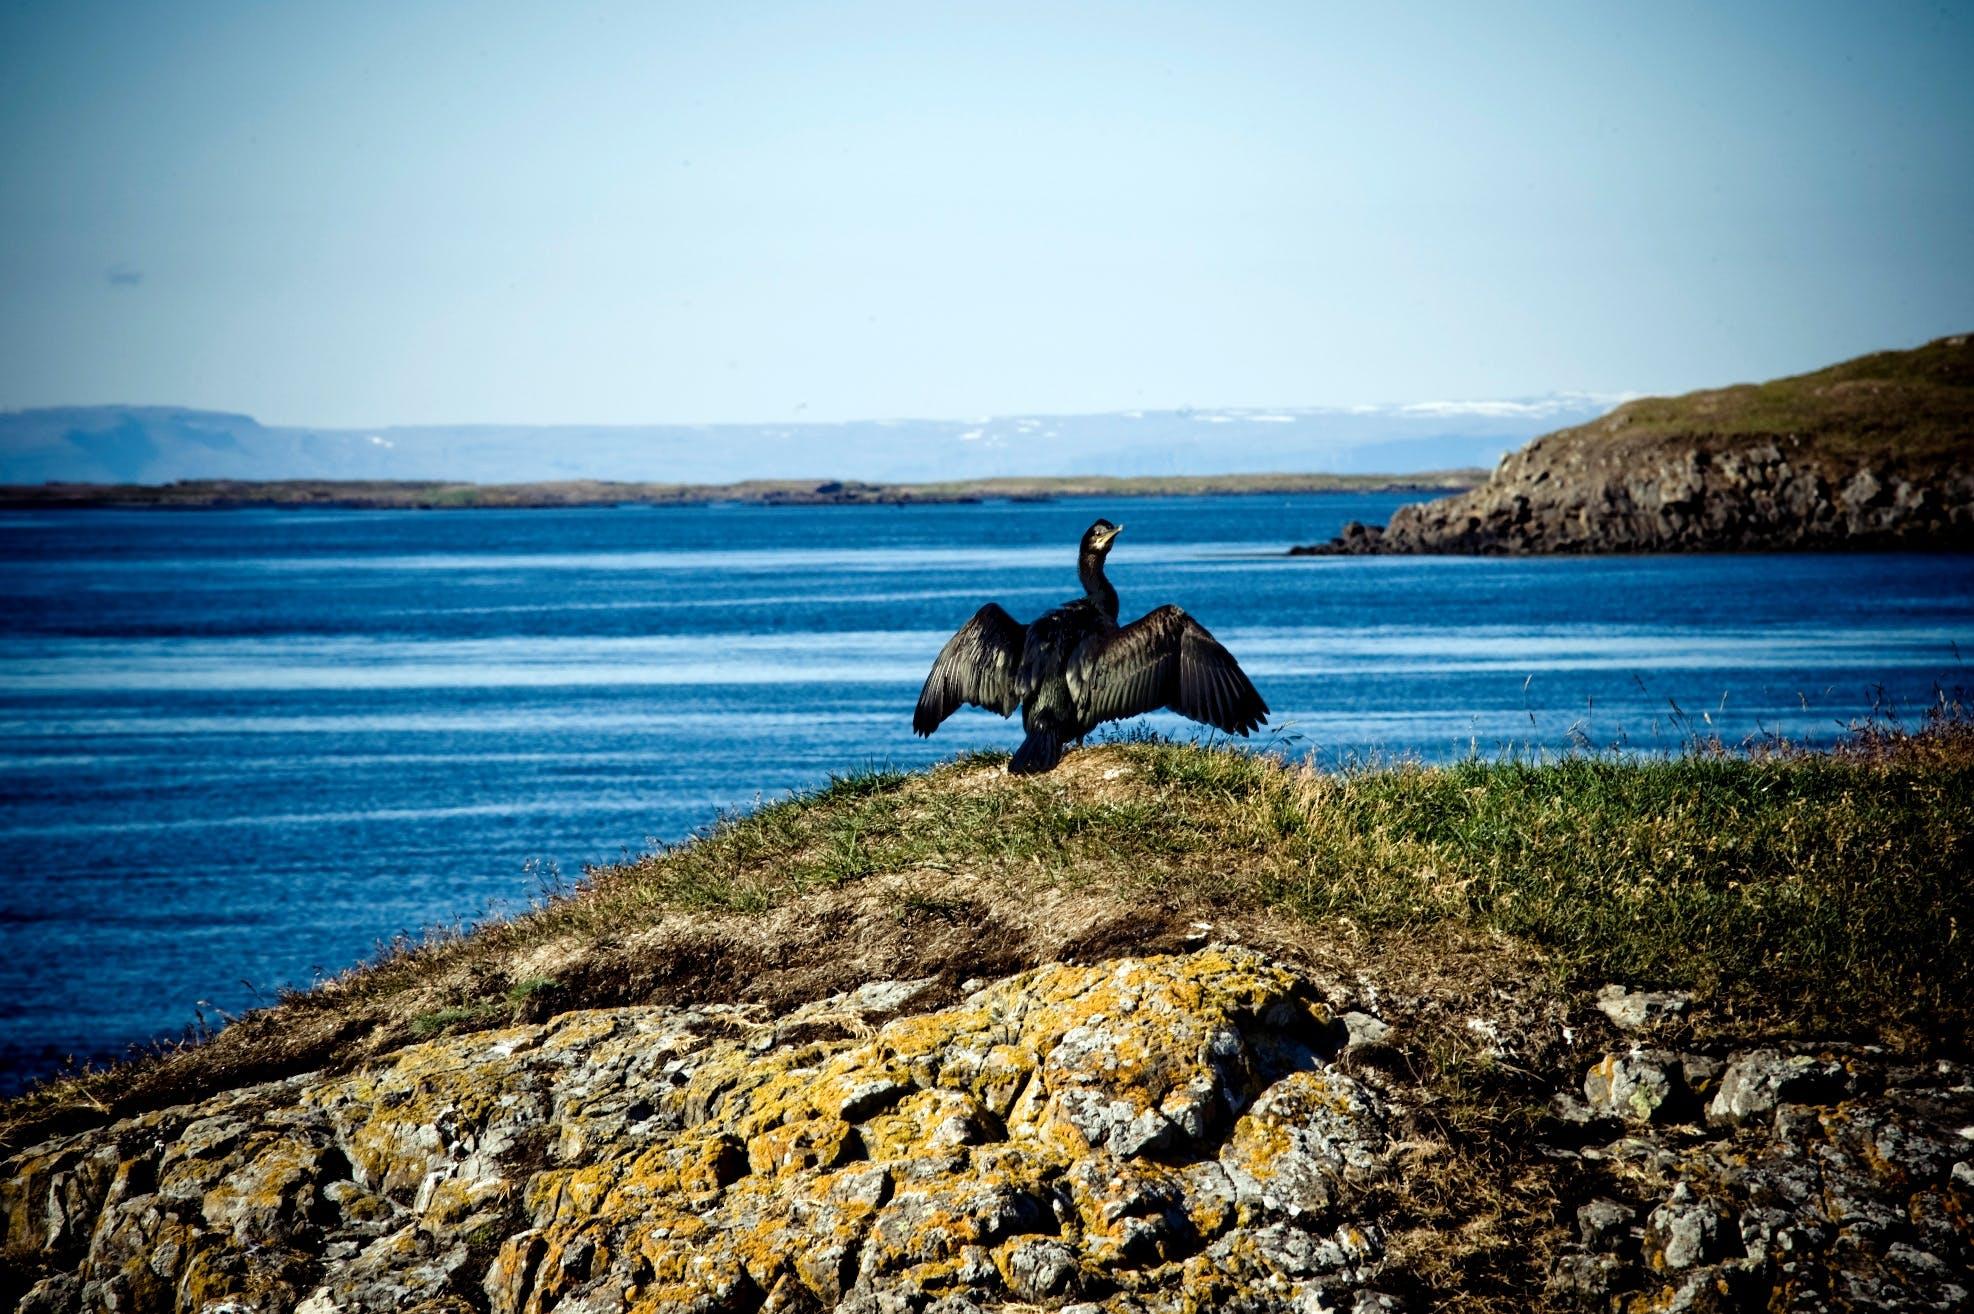 เกาะที่Breiðafjörður เป็นบ้านของนกมากมาย